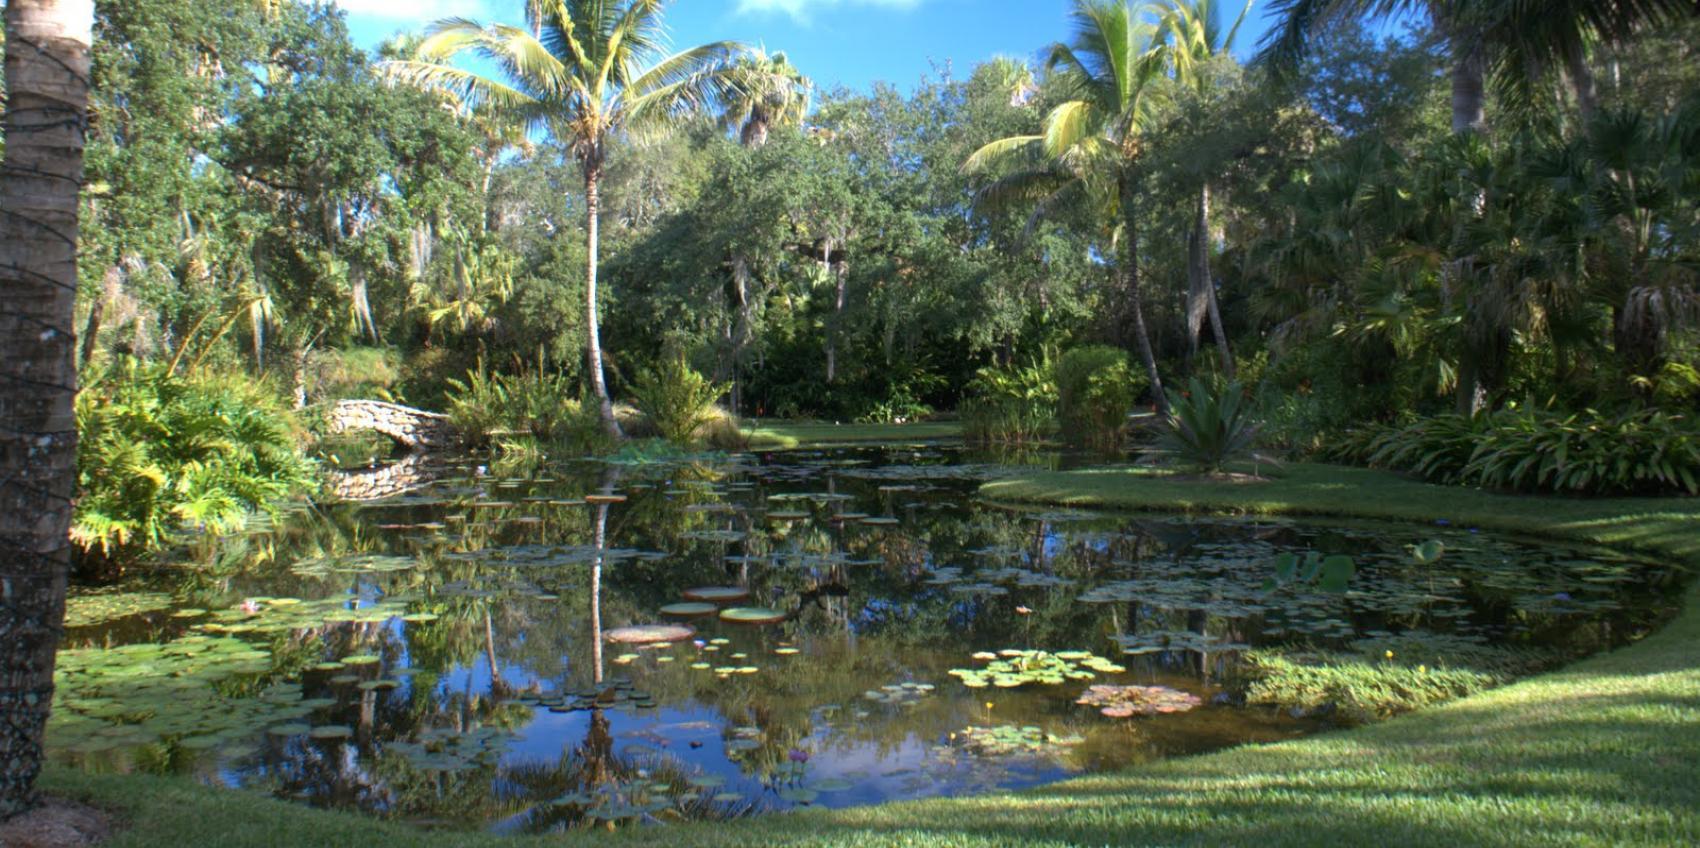 Mckee botanical garden american public gardens association - Mckee botanical gardens vero beach ...